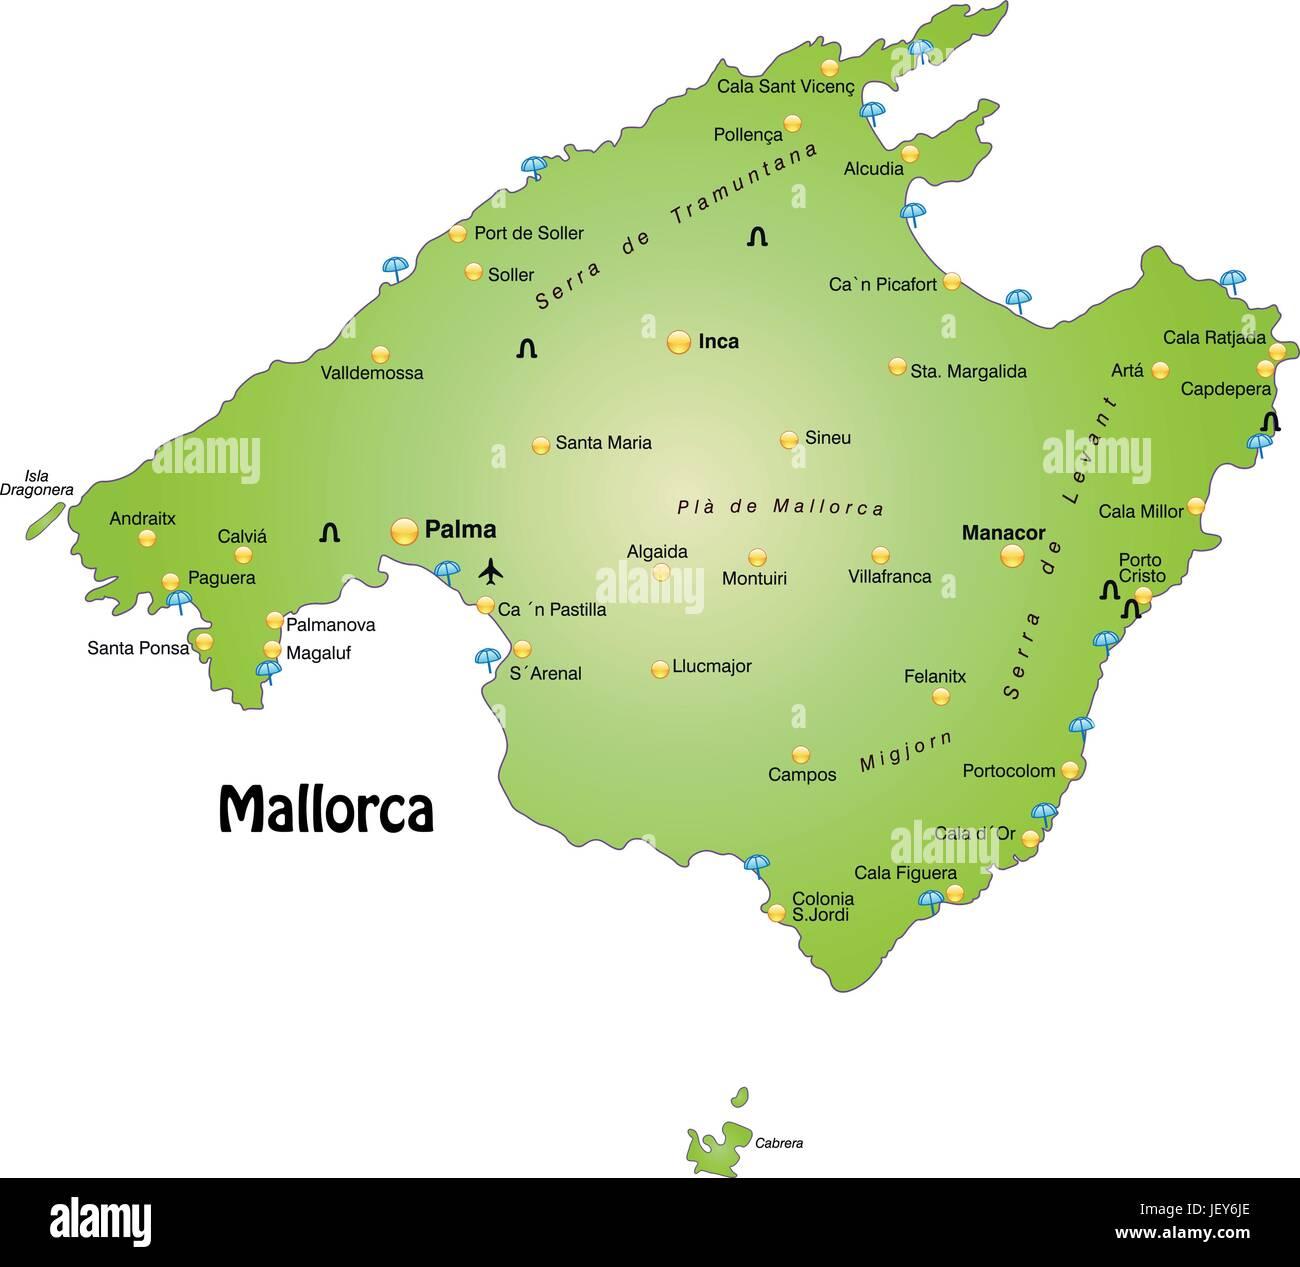 Mallorca Karte Umriss.Mallorca Gliederung Grenzen Atlas Karte Karte Der Welt